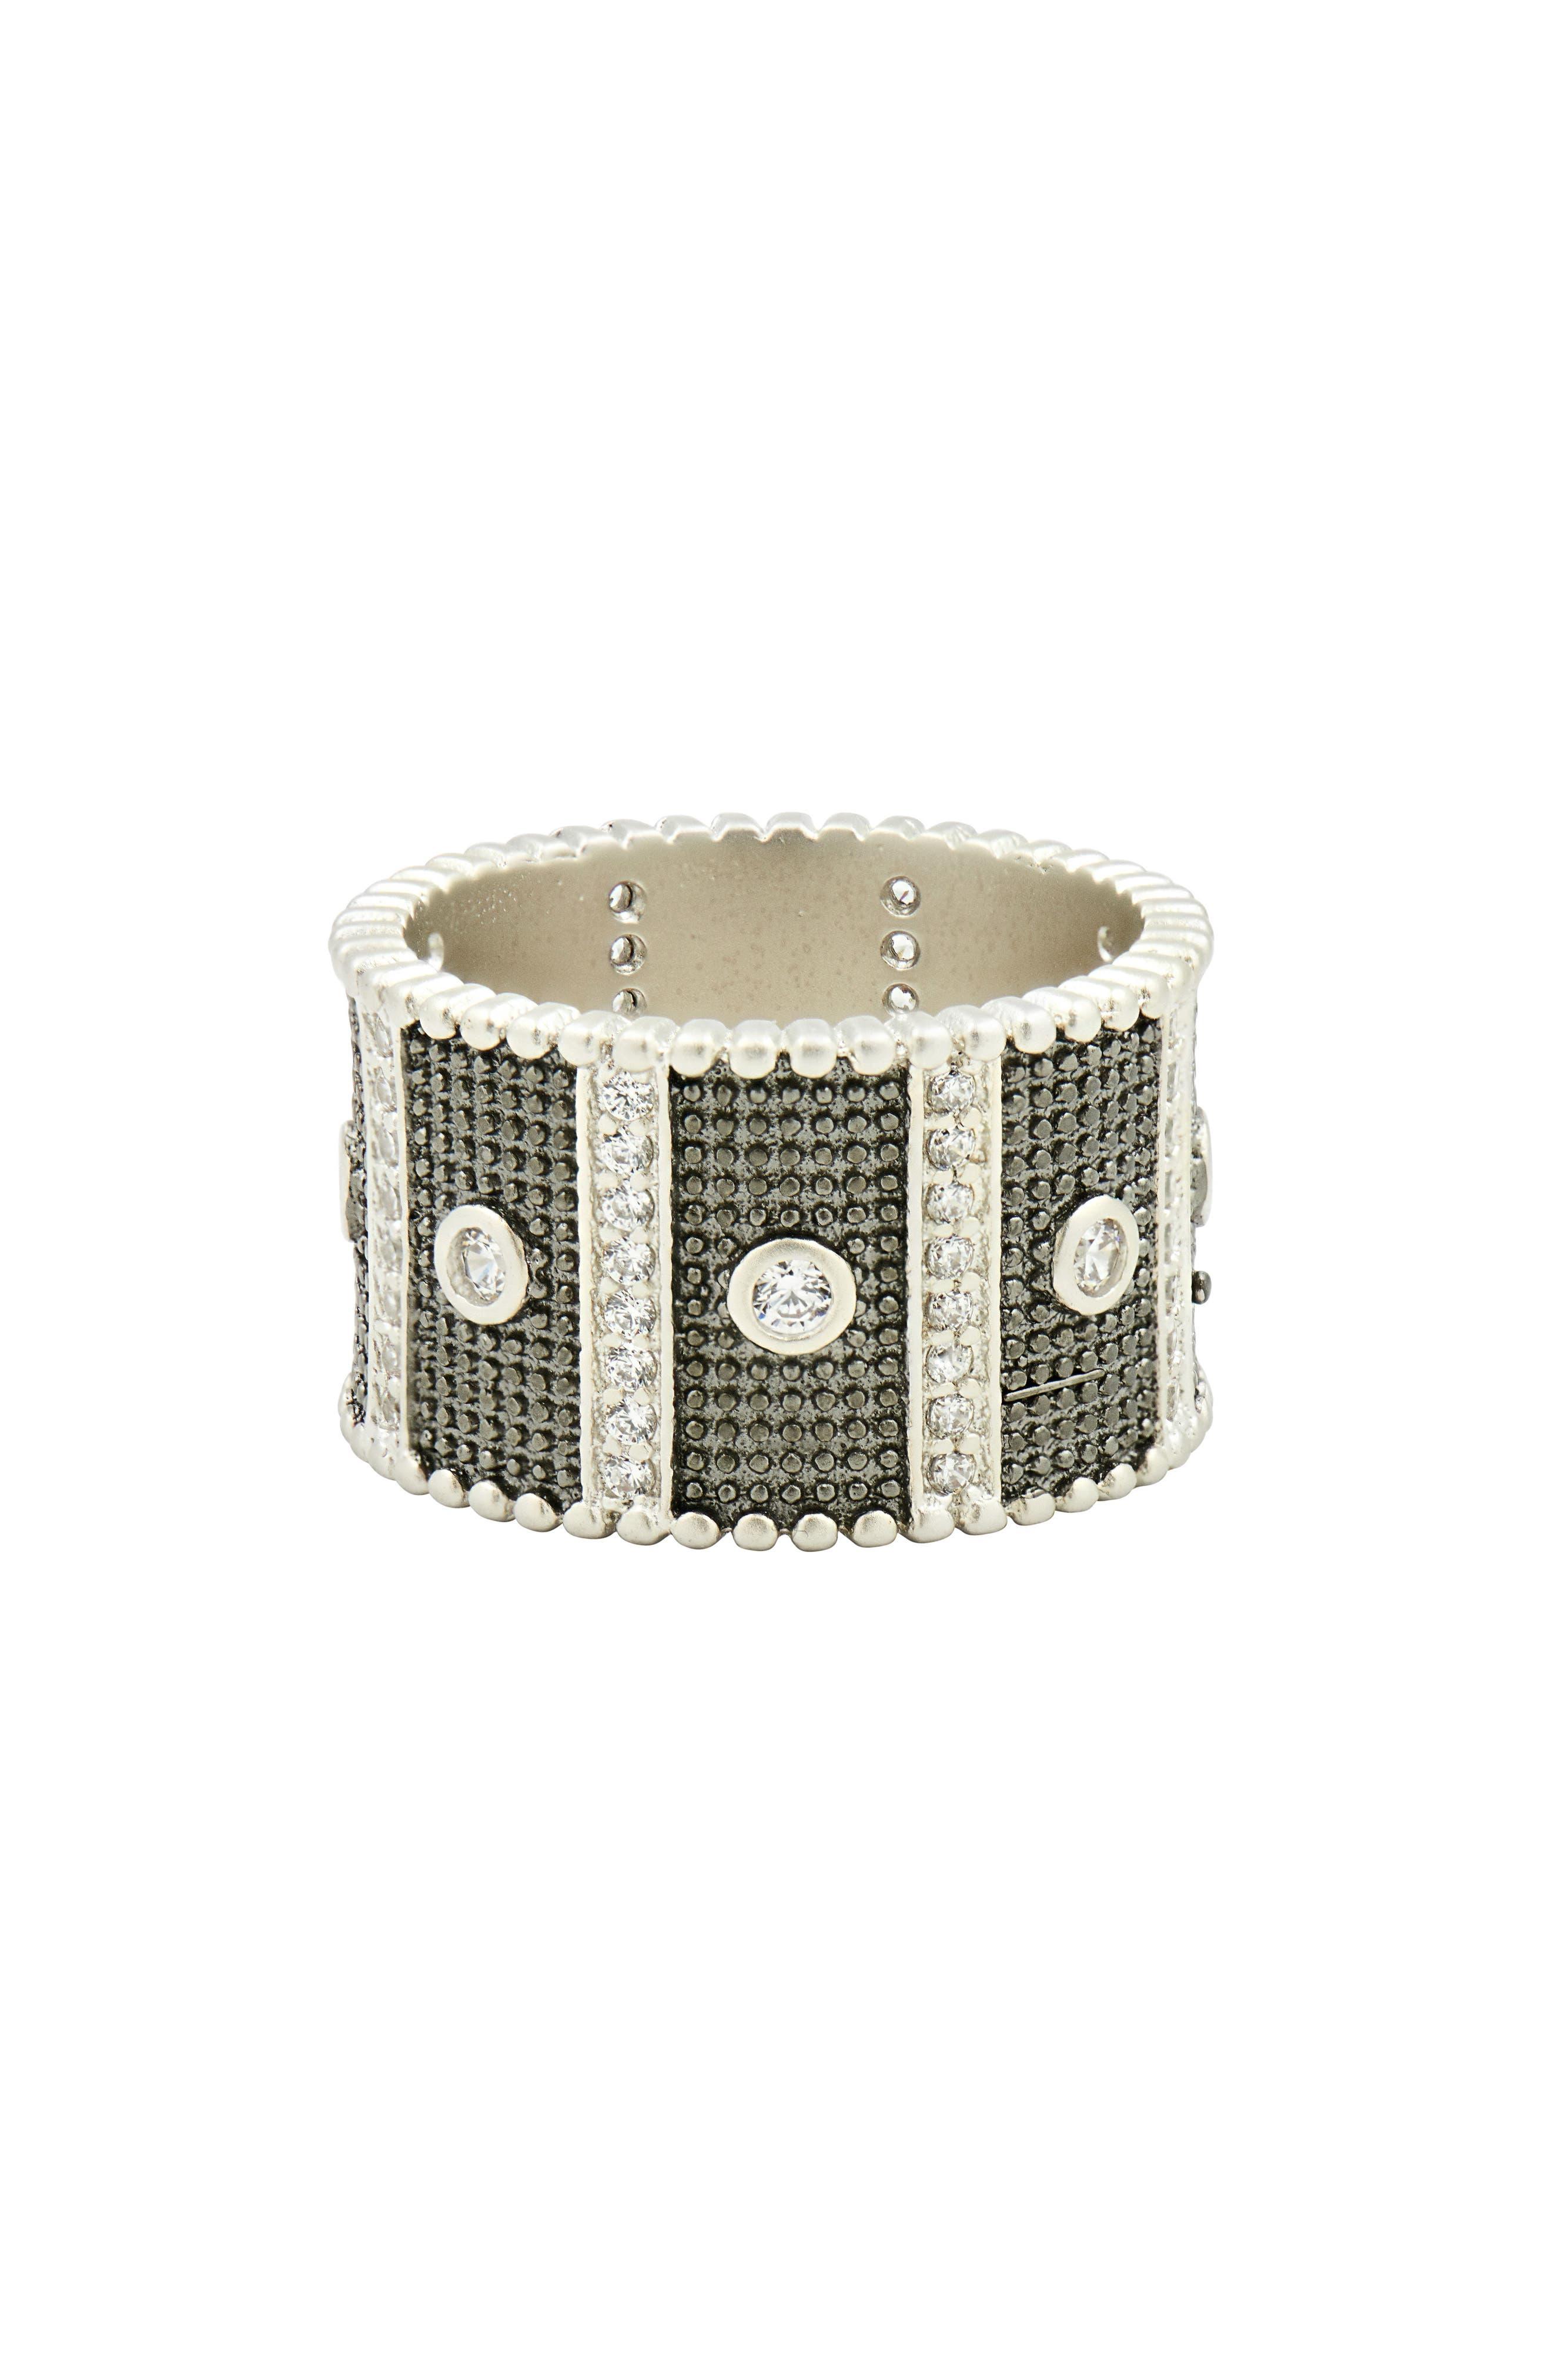 FREIDA ROTHMAN Industrial Finish Cubic Zirconia Ring